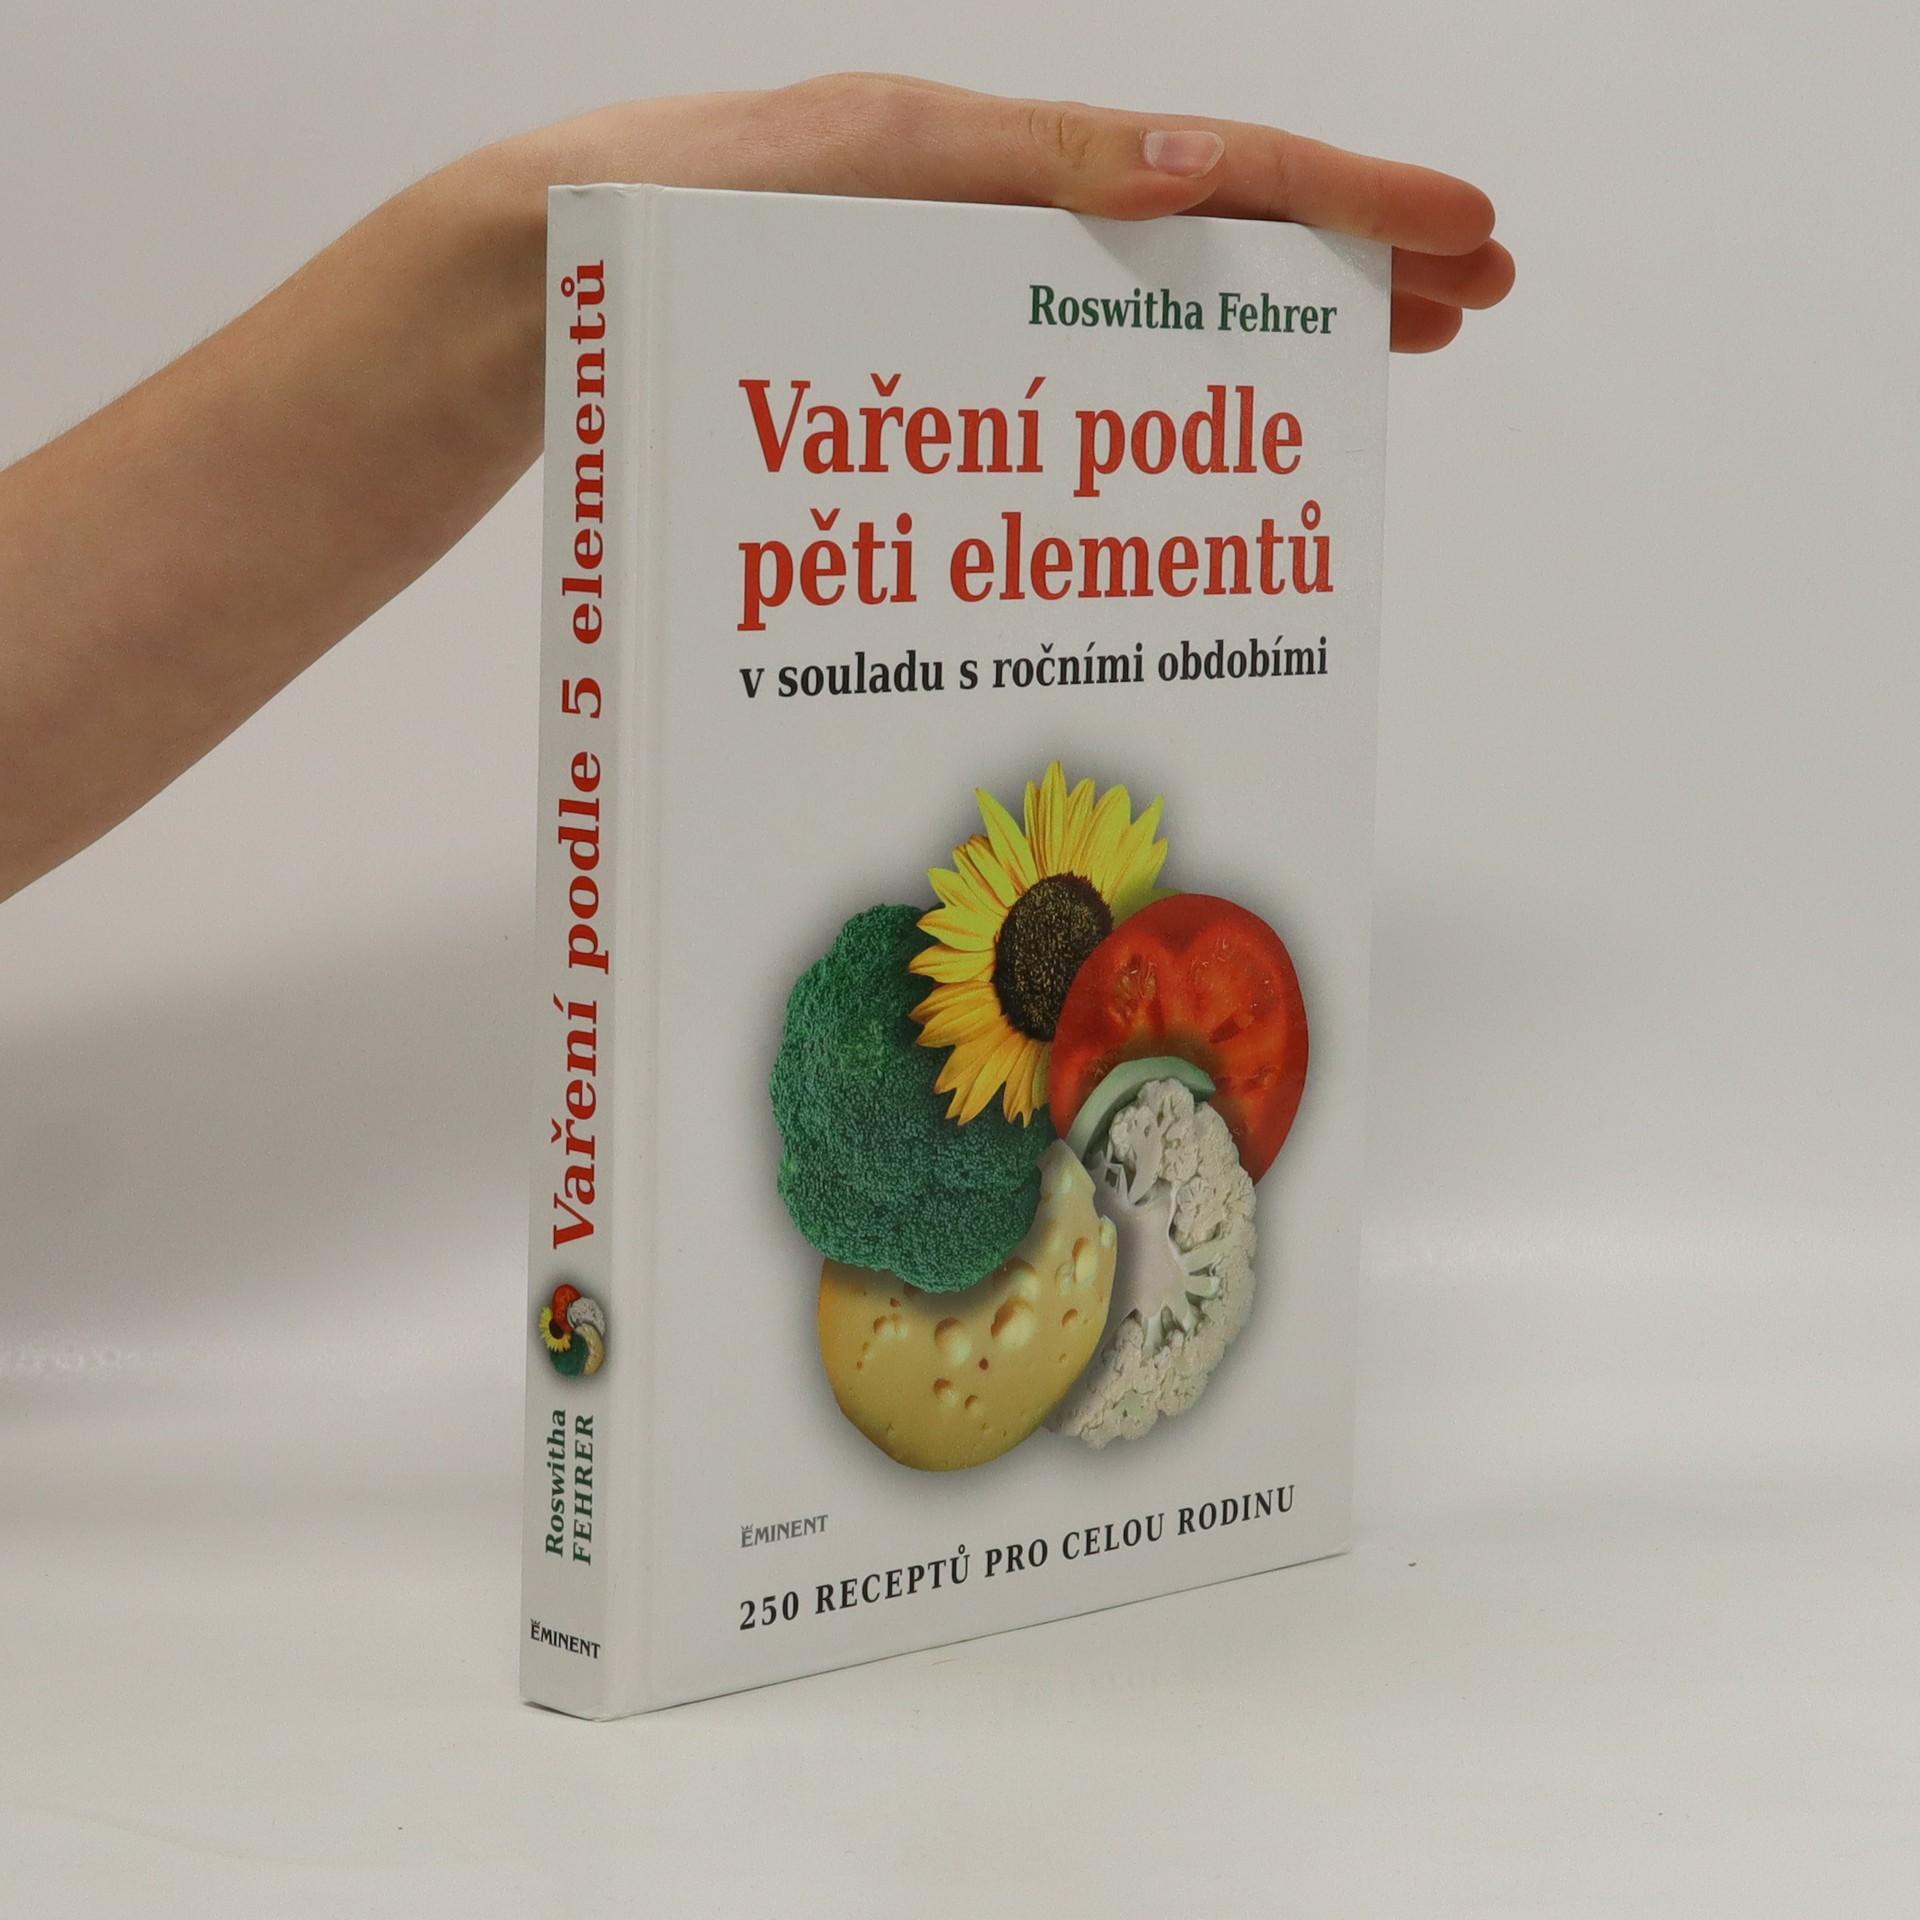 antikvární kniha Vaření podle pěti elementů v souladu s ročními obdobími : 250 receptů pro celou rodinu, neuveden